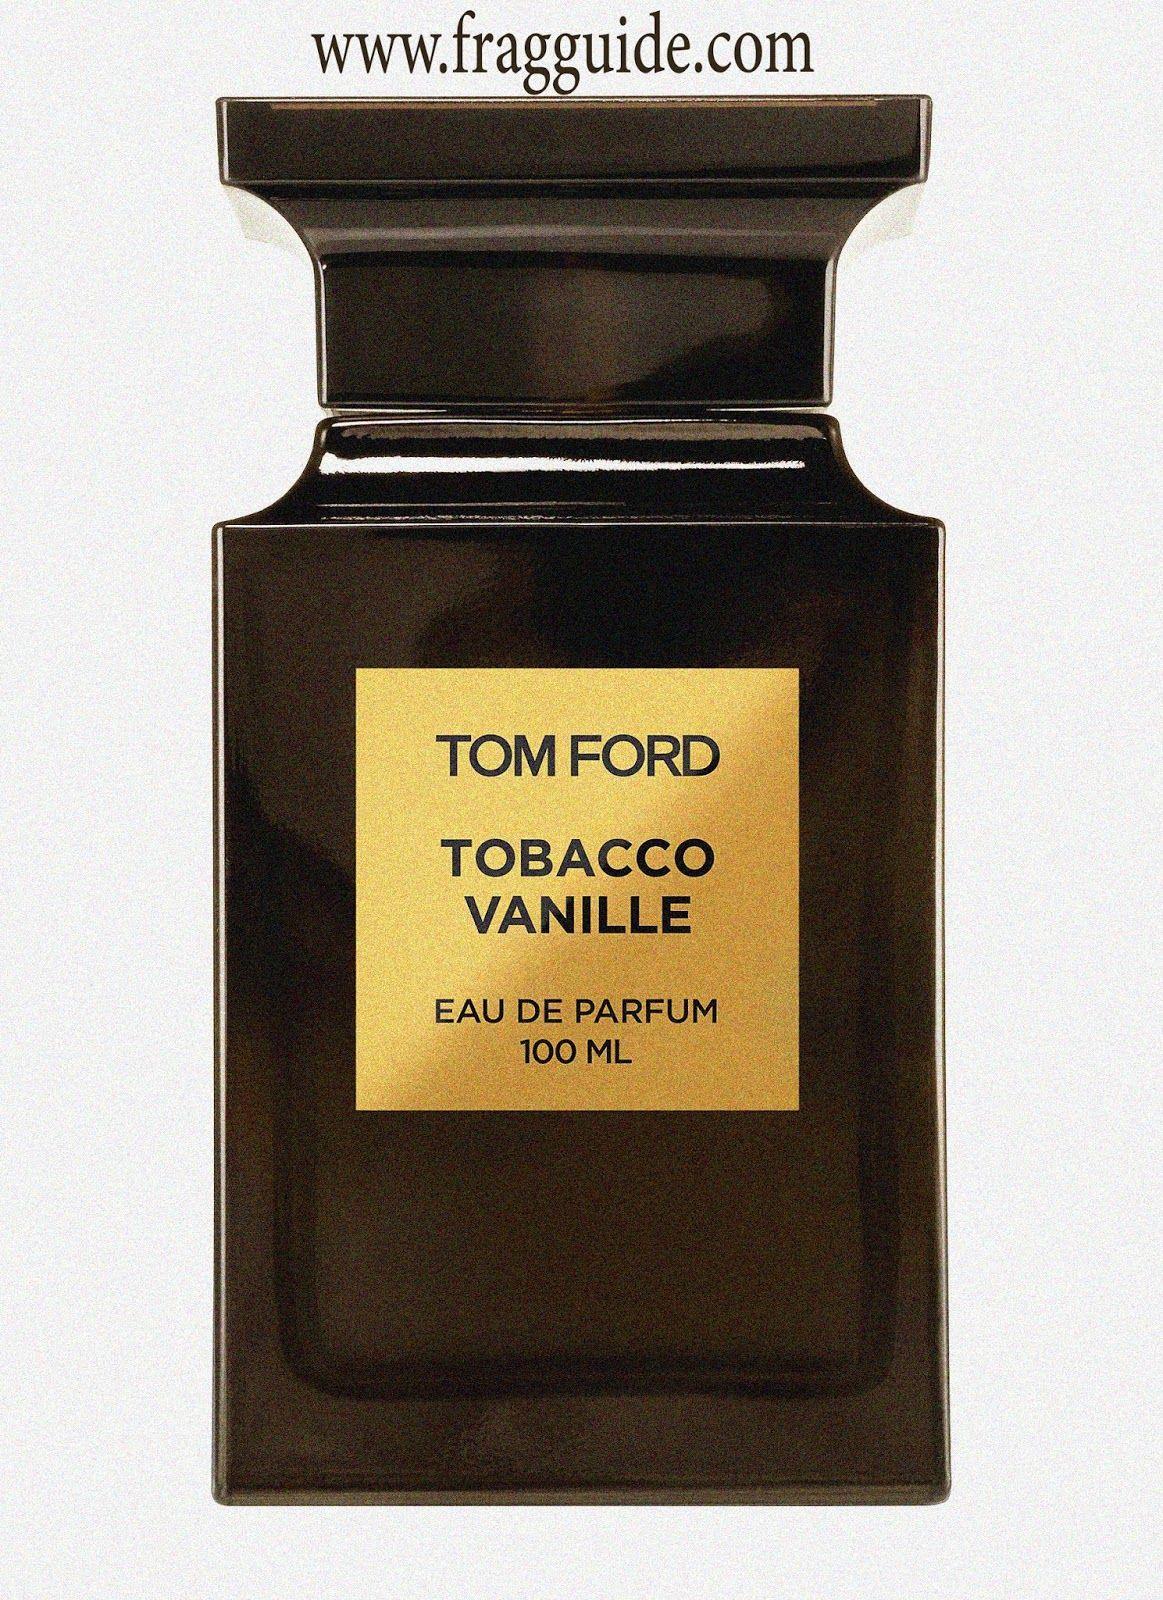 عطر توباكو فانيل Tobacco Vanille للجنسين من توم فورد Tom Ford سيد عطور الشتاء صورة أثناء بحثك عن عطر شت Perfume Bottles Eau De Parfum Fragrance